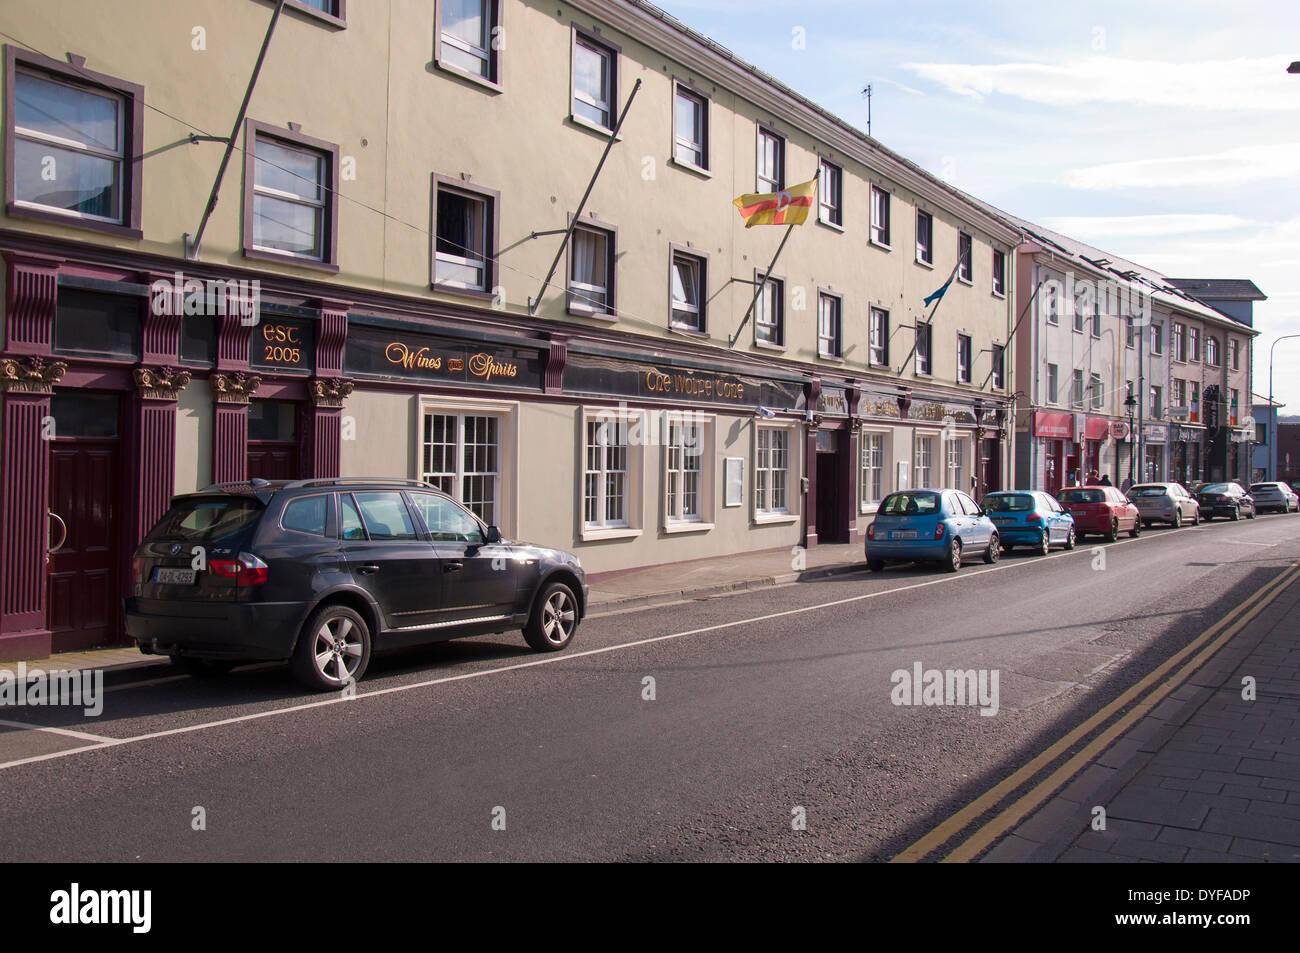 Il tono di Wolfe pub bar a Letterkenny County Donegal Irlanda Immagini Stock